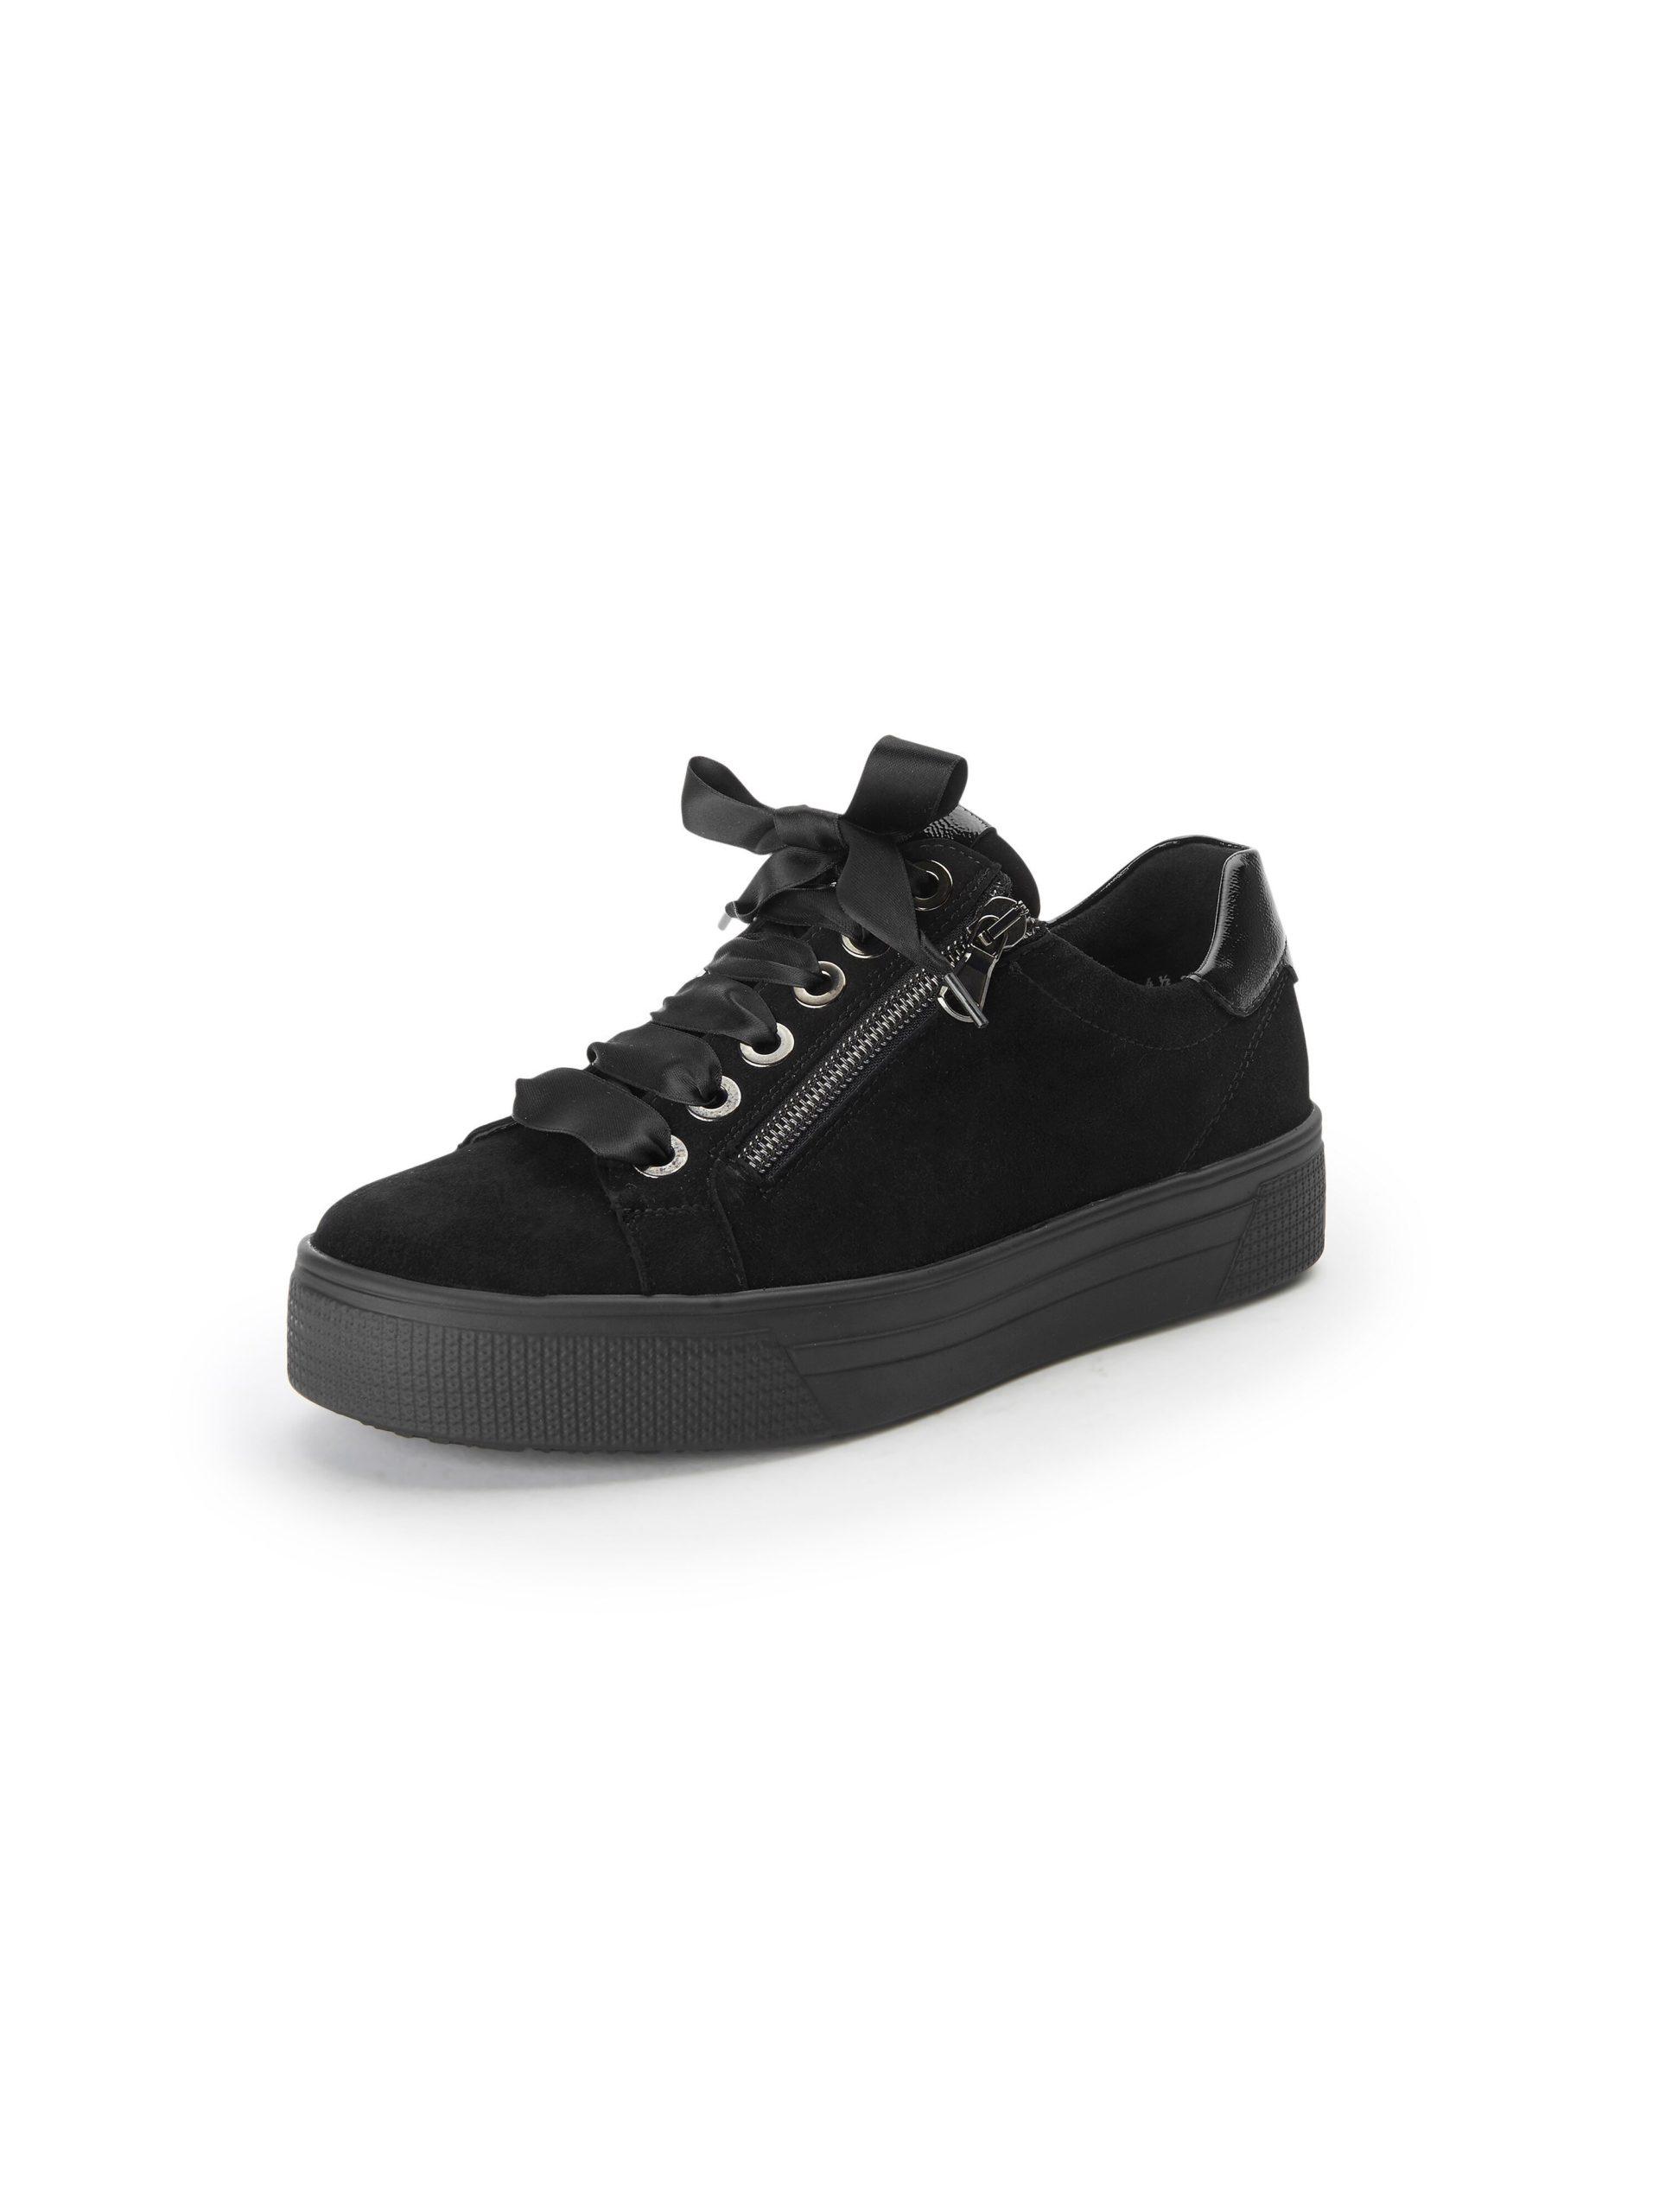 Sneakers, Ingrid Van Semler zwart Kopen